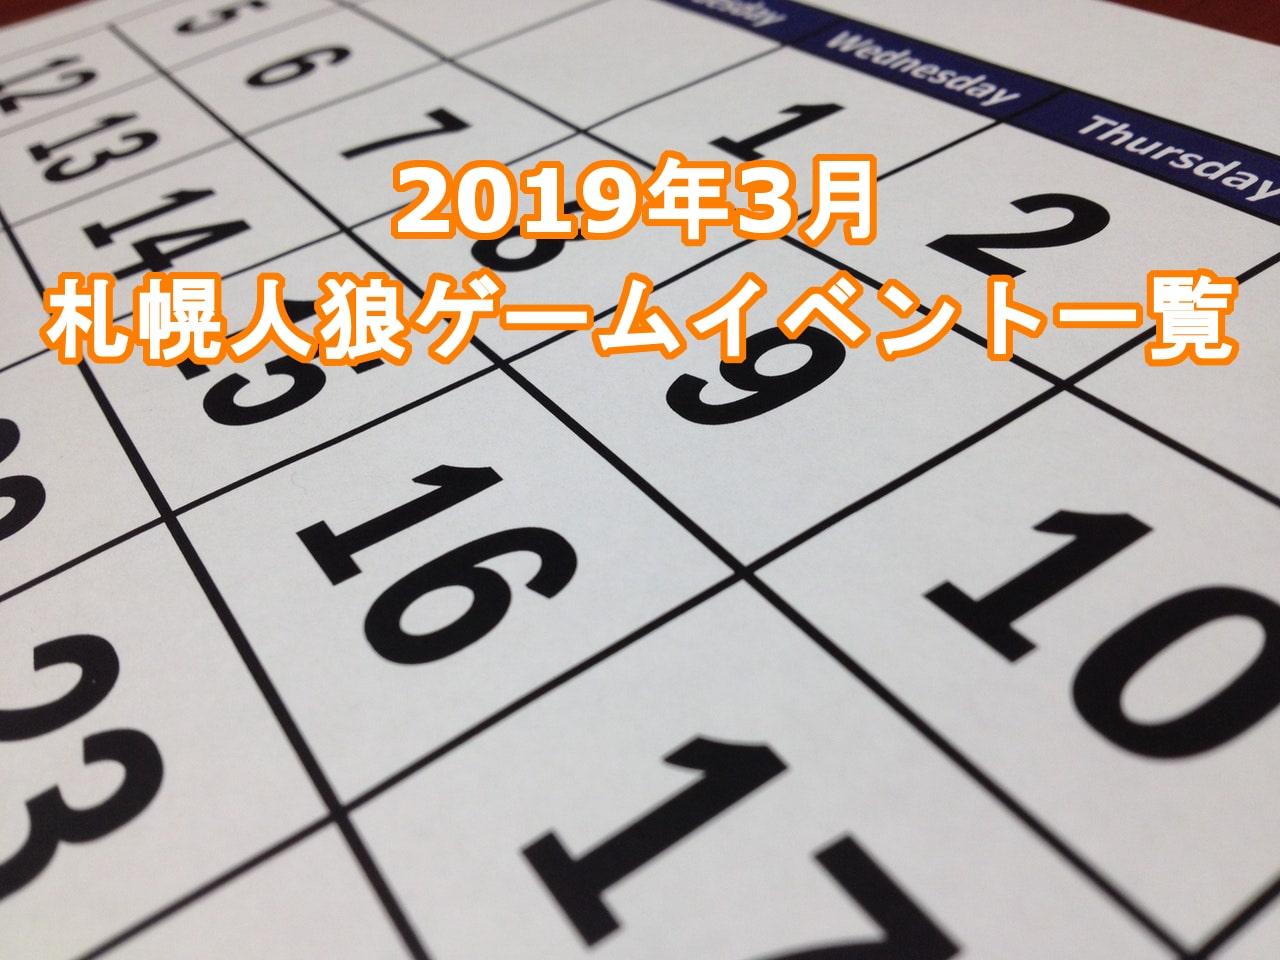 札幌 人狼ゲームイベント 2019年3月